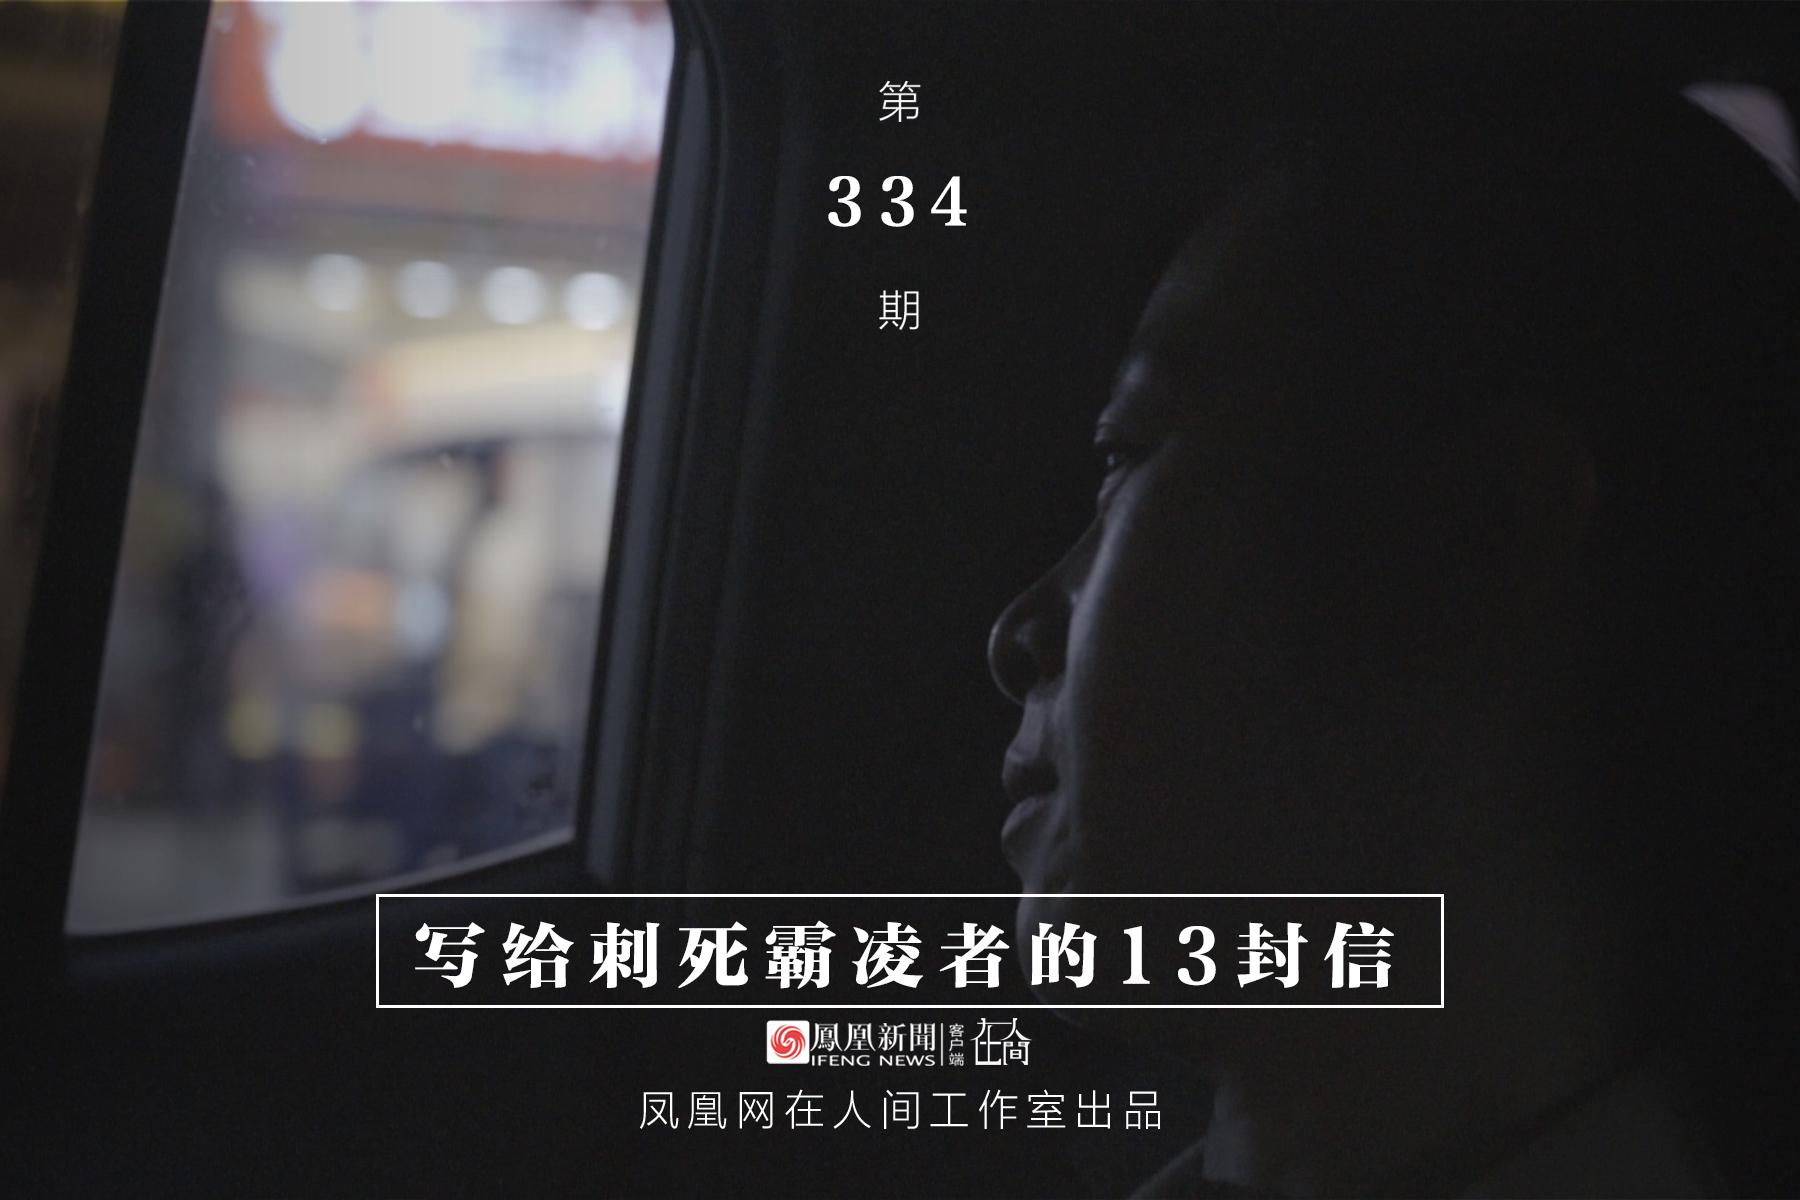 北京刘琪_松树的风格_如何优化精品导航